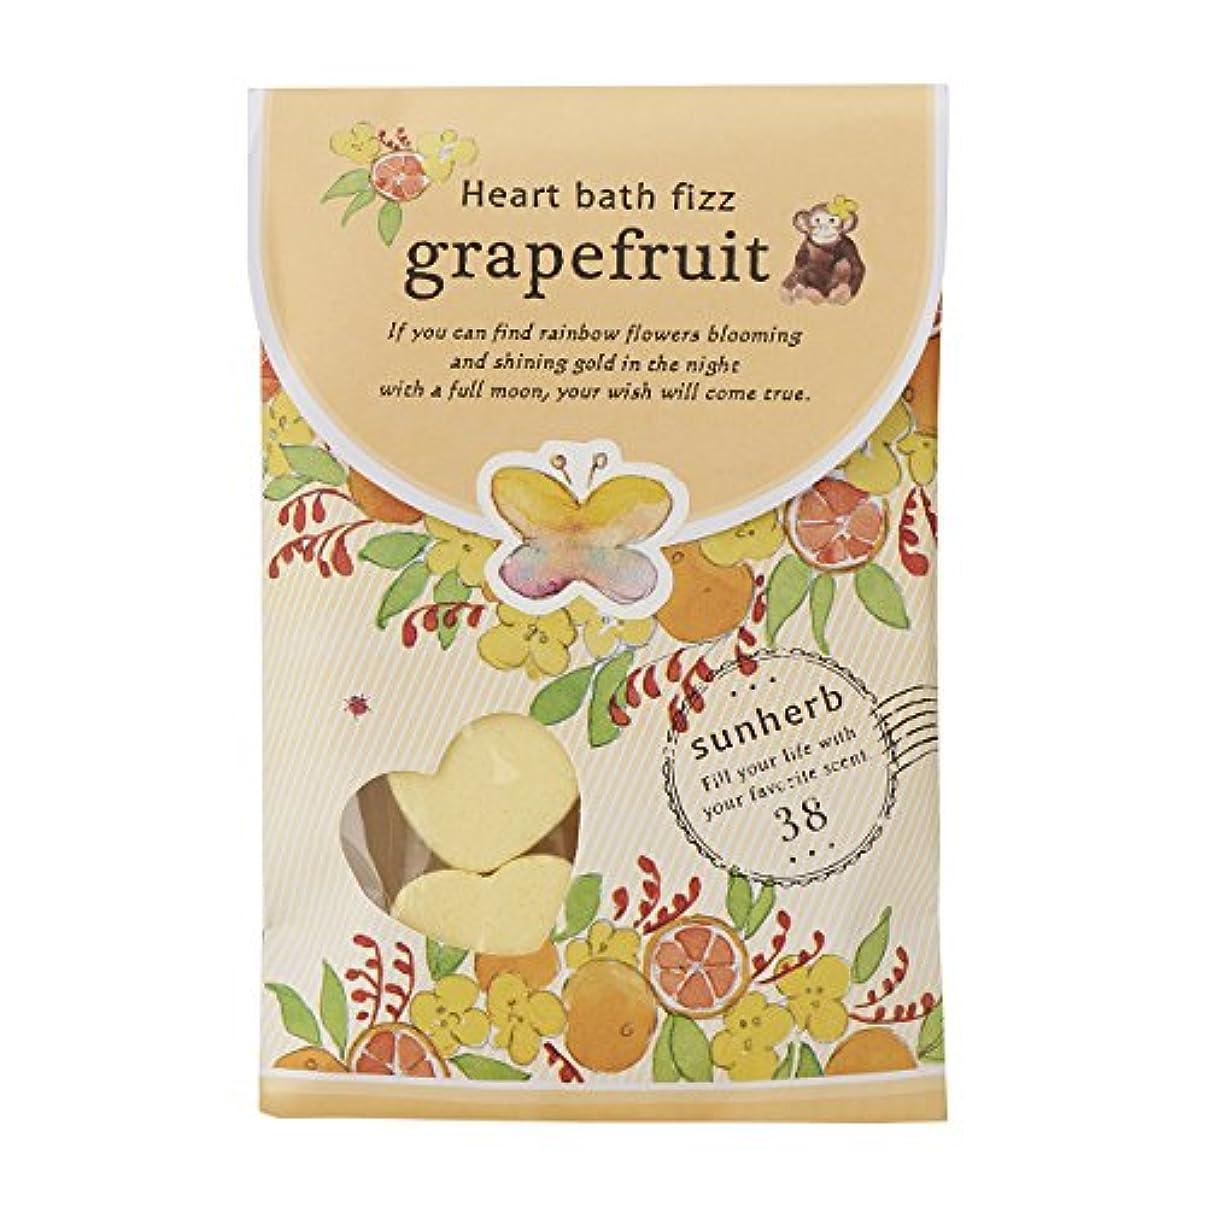 食品貫通水差しサンハーブ ハートバスフィズ28g×2包 グレープフルーツ(発泡タイプの入浴料 シャキっとまぶしい柑橘系の香り)